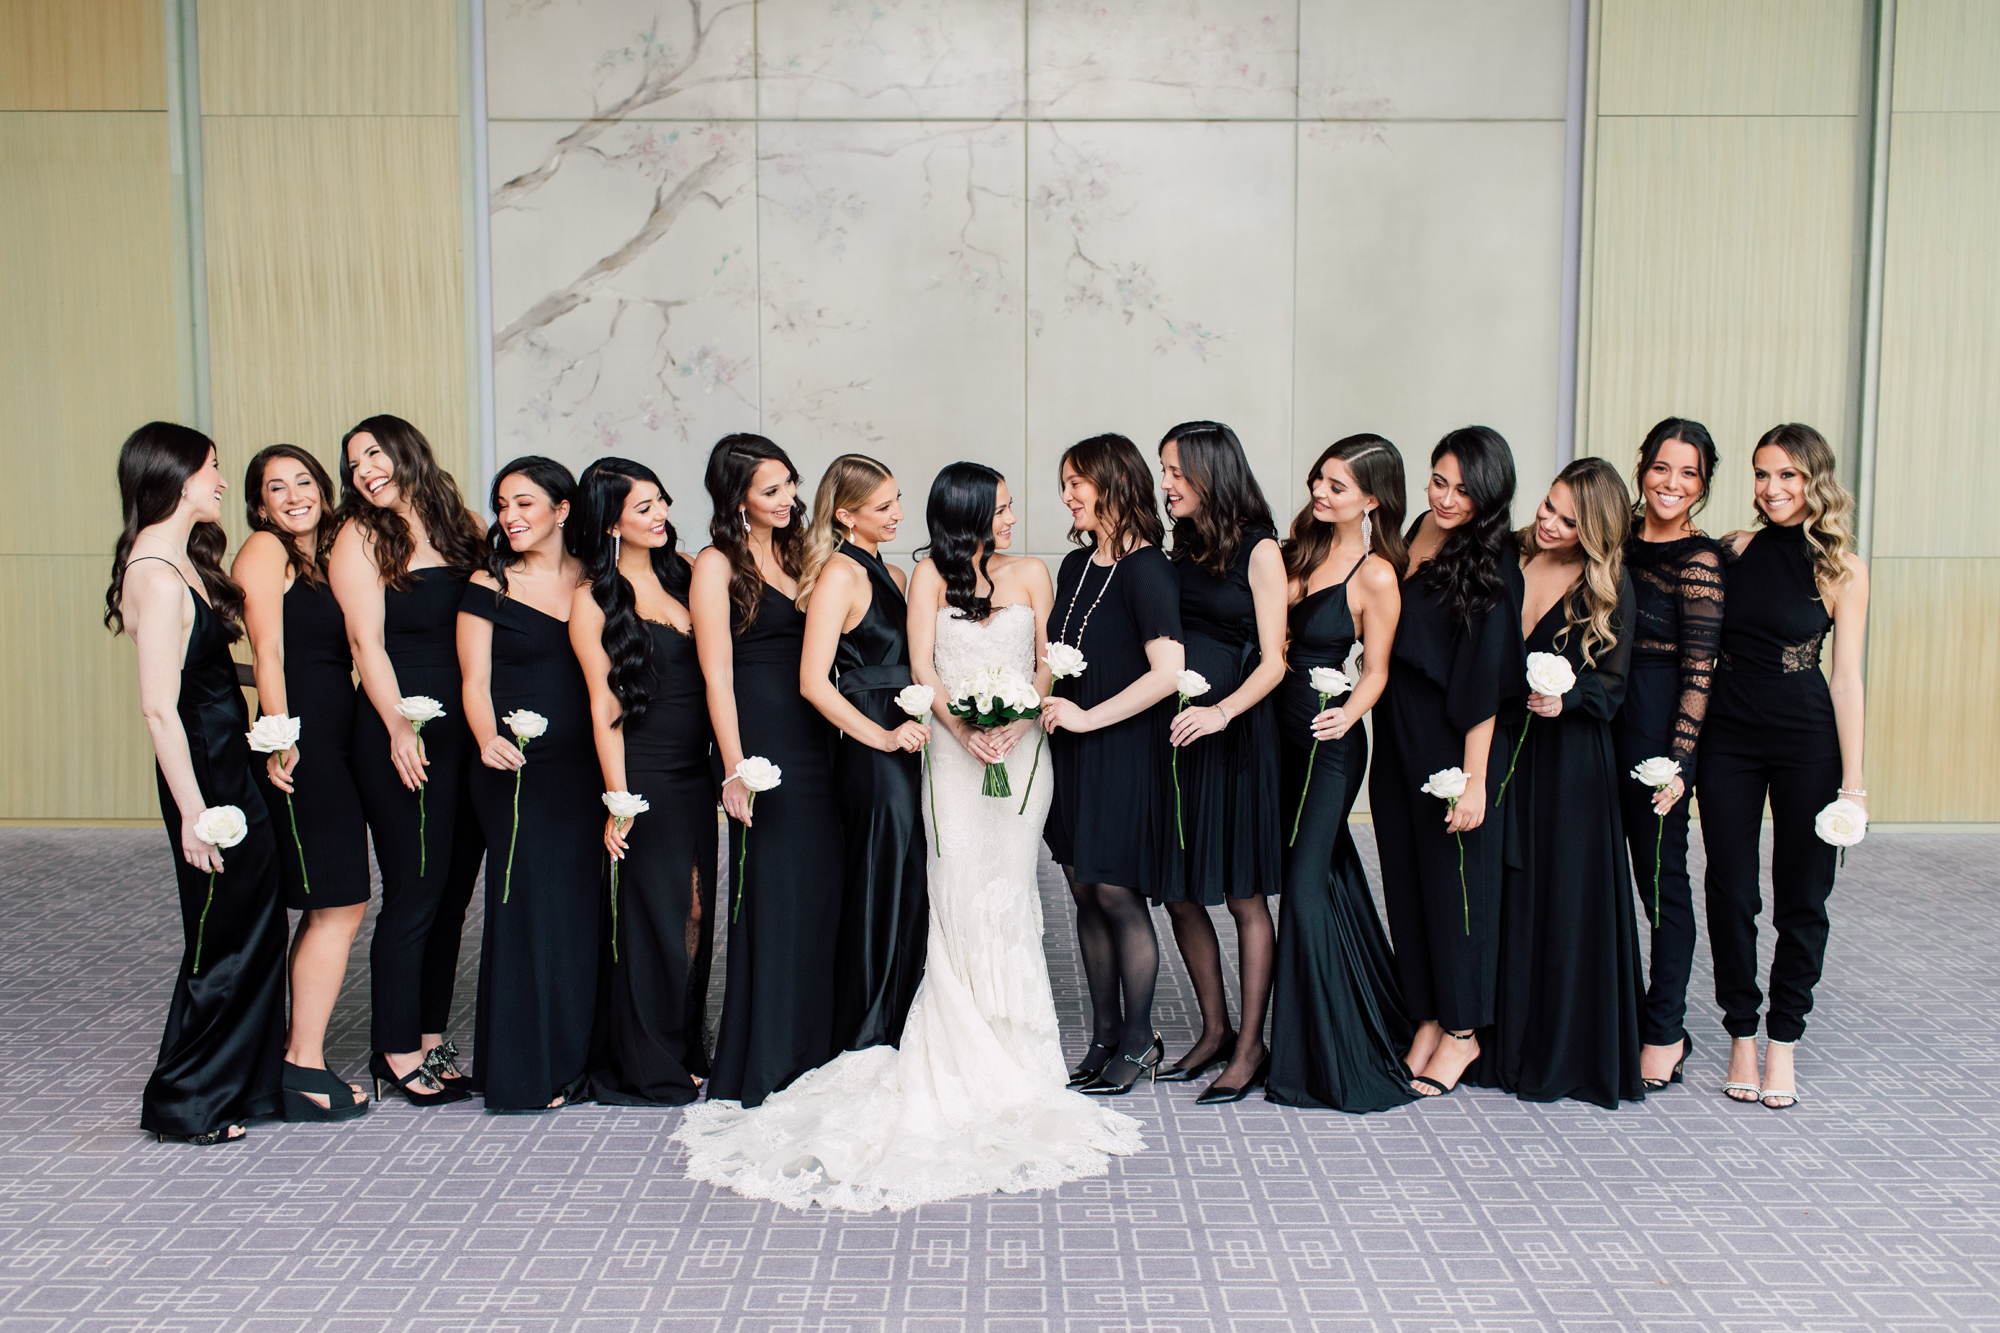 rose bridesmaid